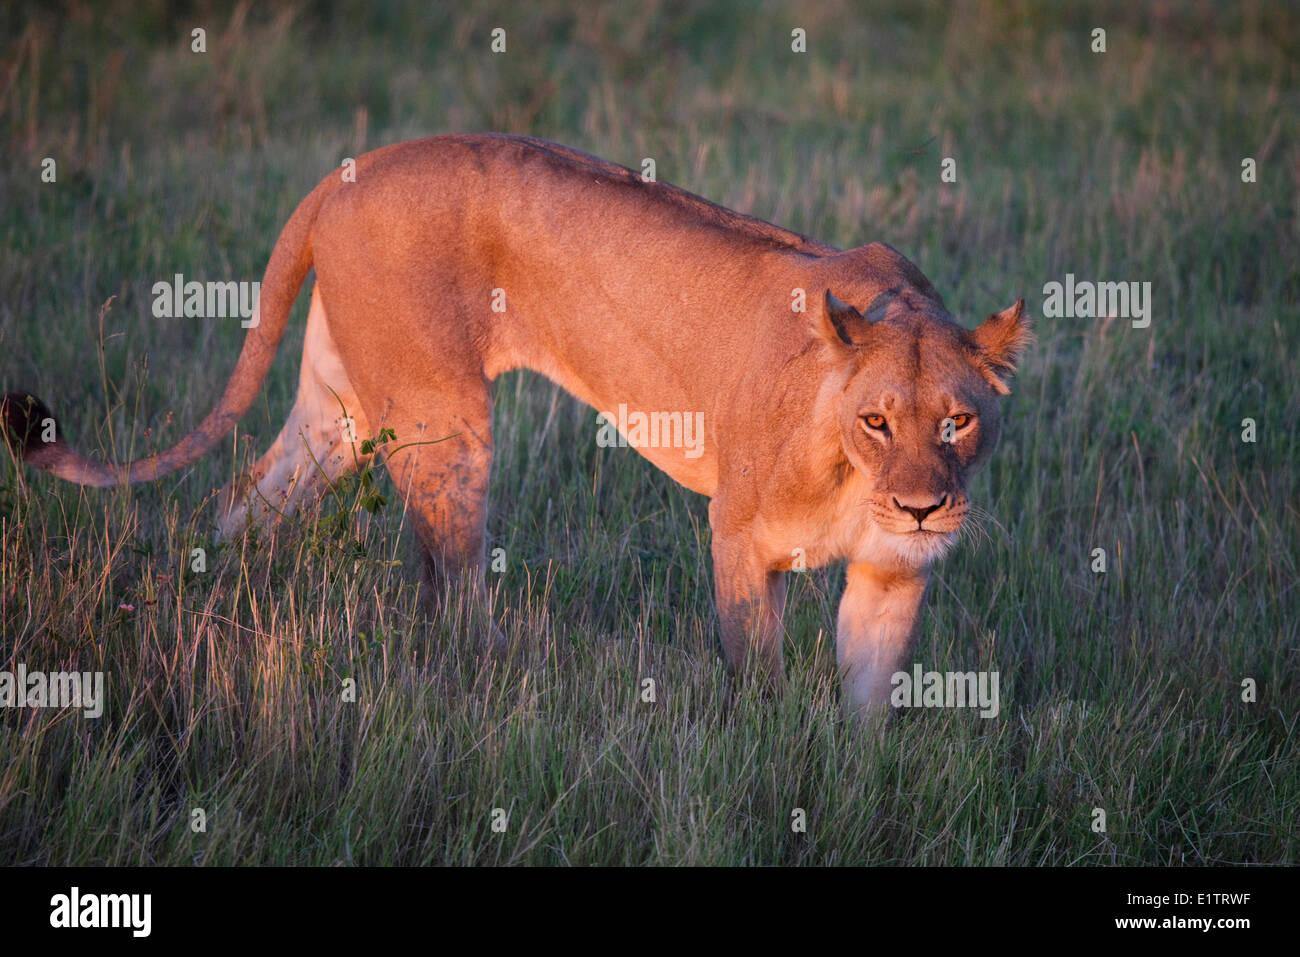 Lion, Chobe National Park, Botswana, Africa - Stock Image